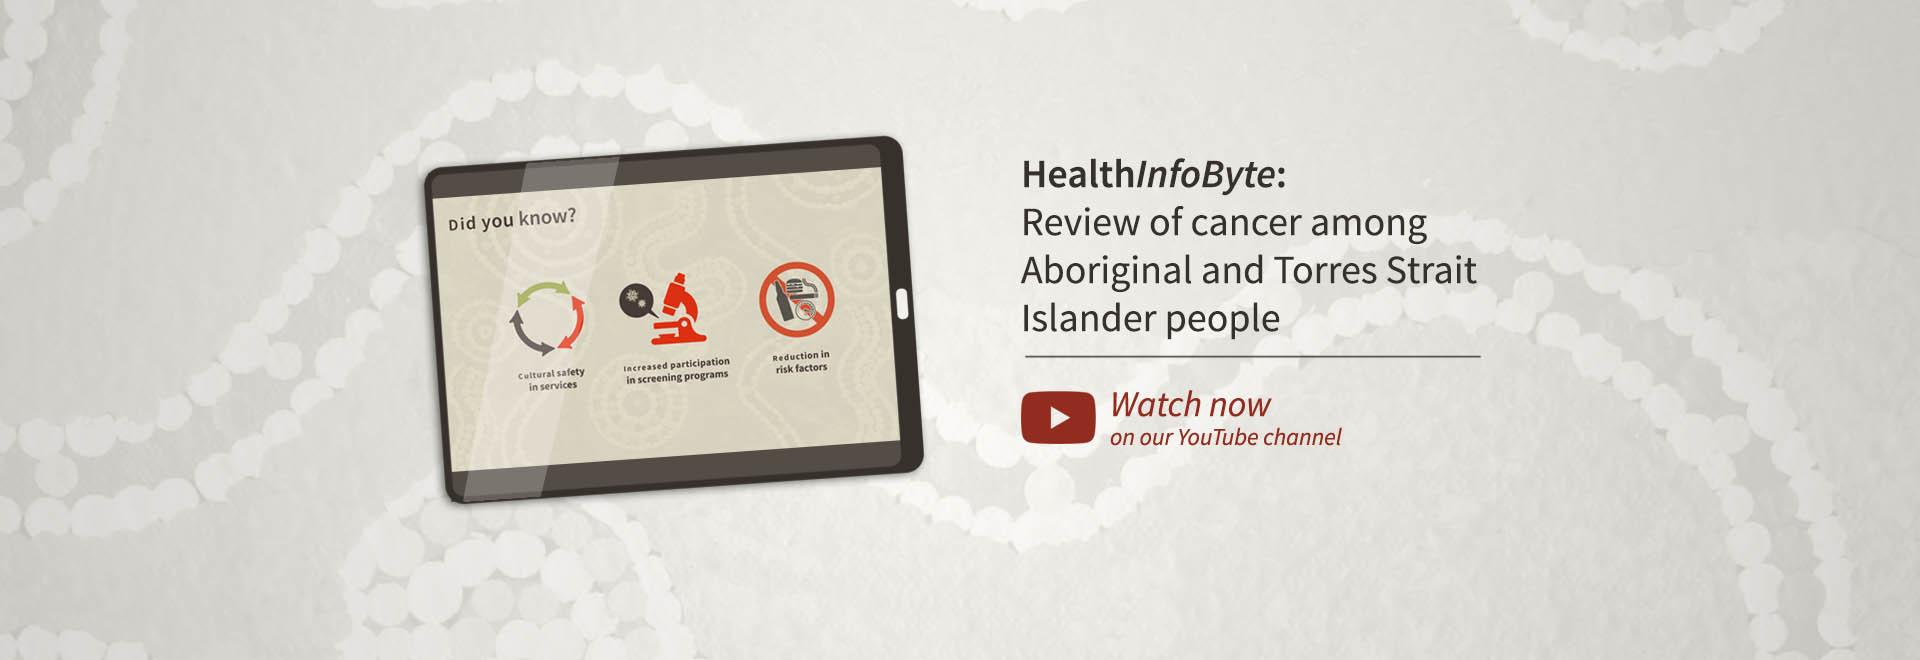 Cancer HealthInfoByte